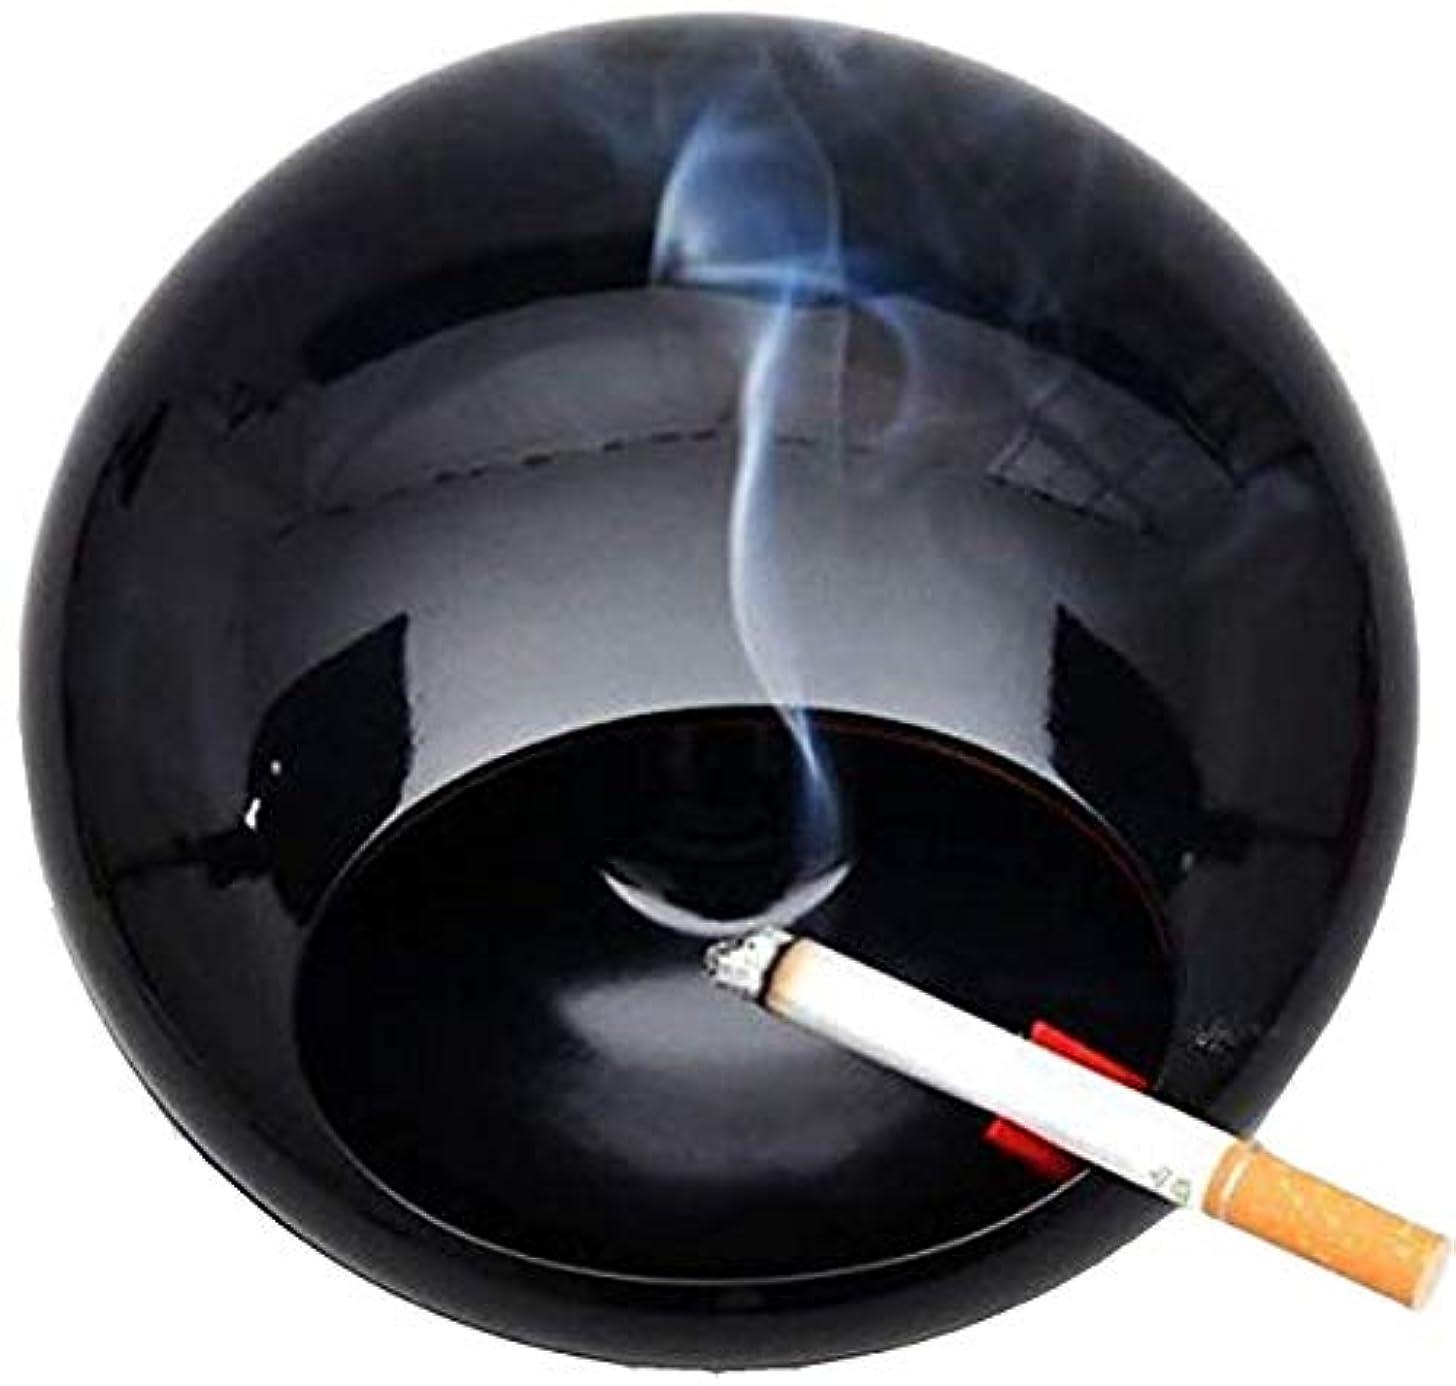 判読できないマラソンバック蓋メラミン磁器煙すすコレクター黒と灰皿を回転させます